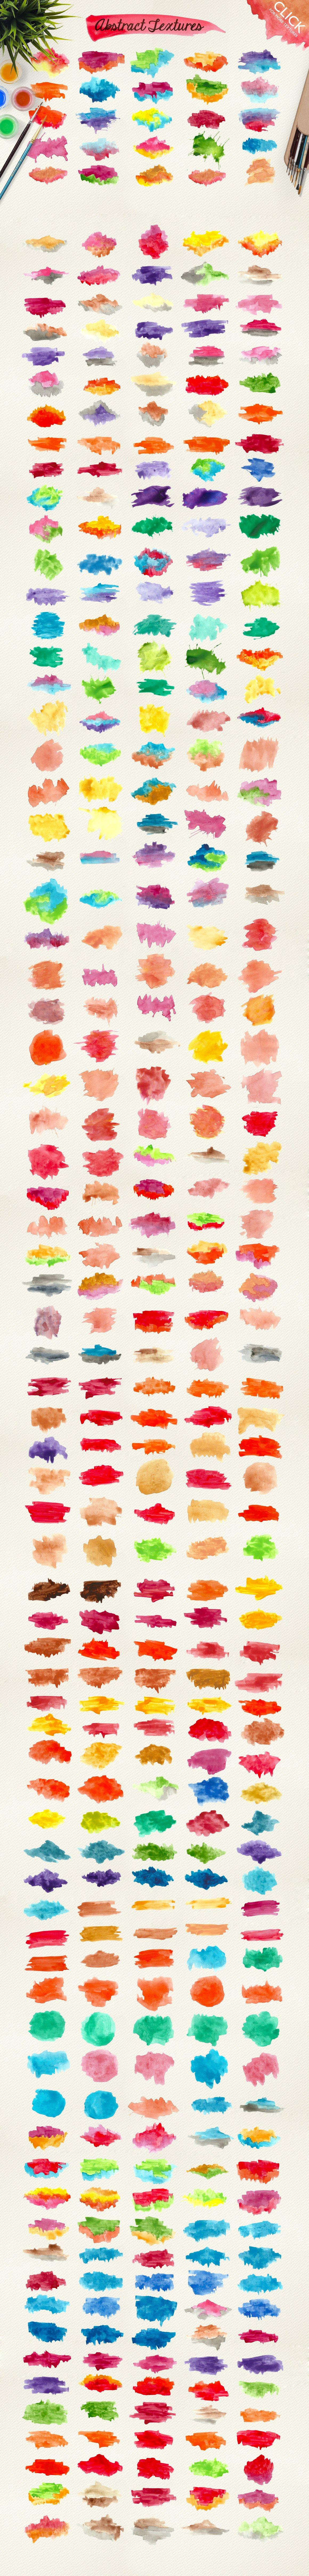 500款高清多彩水墨水彩背景纹理图片素材 500 Watercolor Textures Packs插图(3)